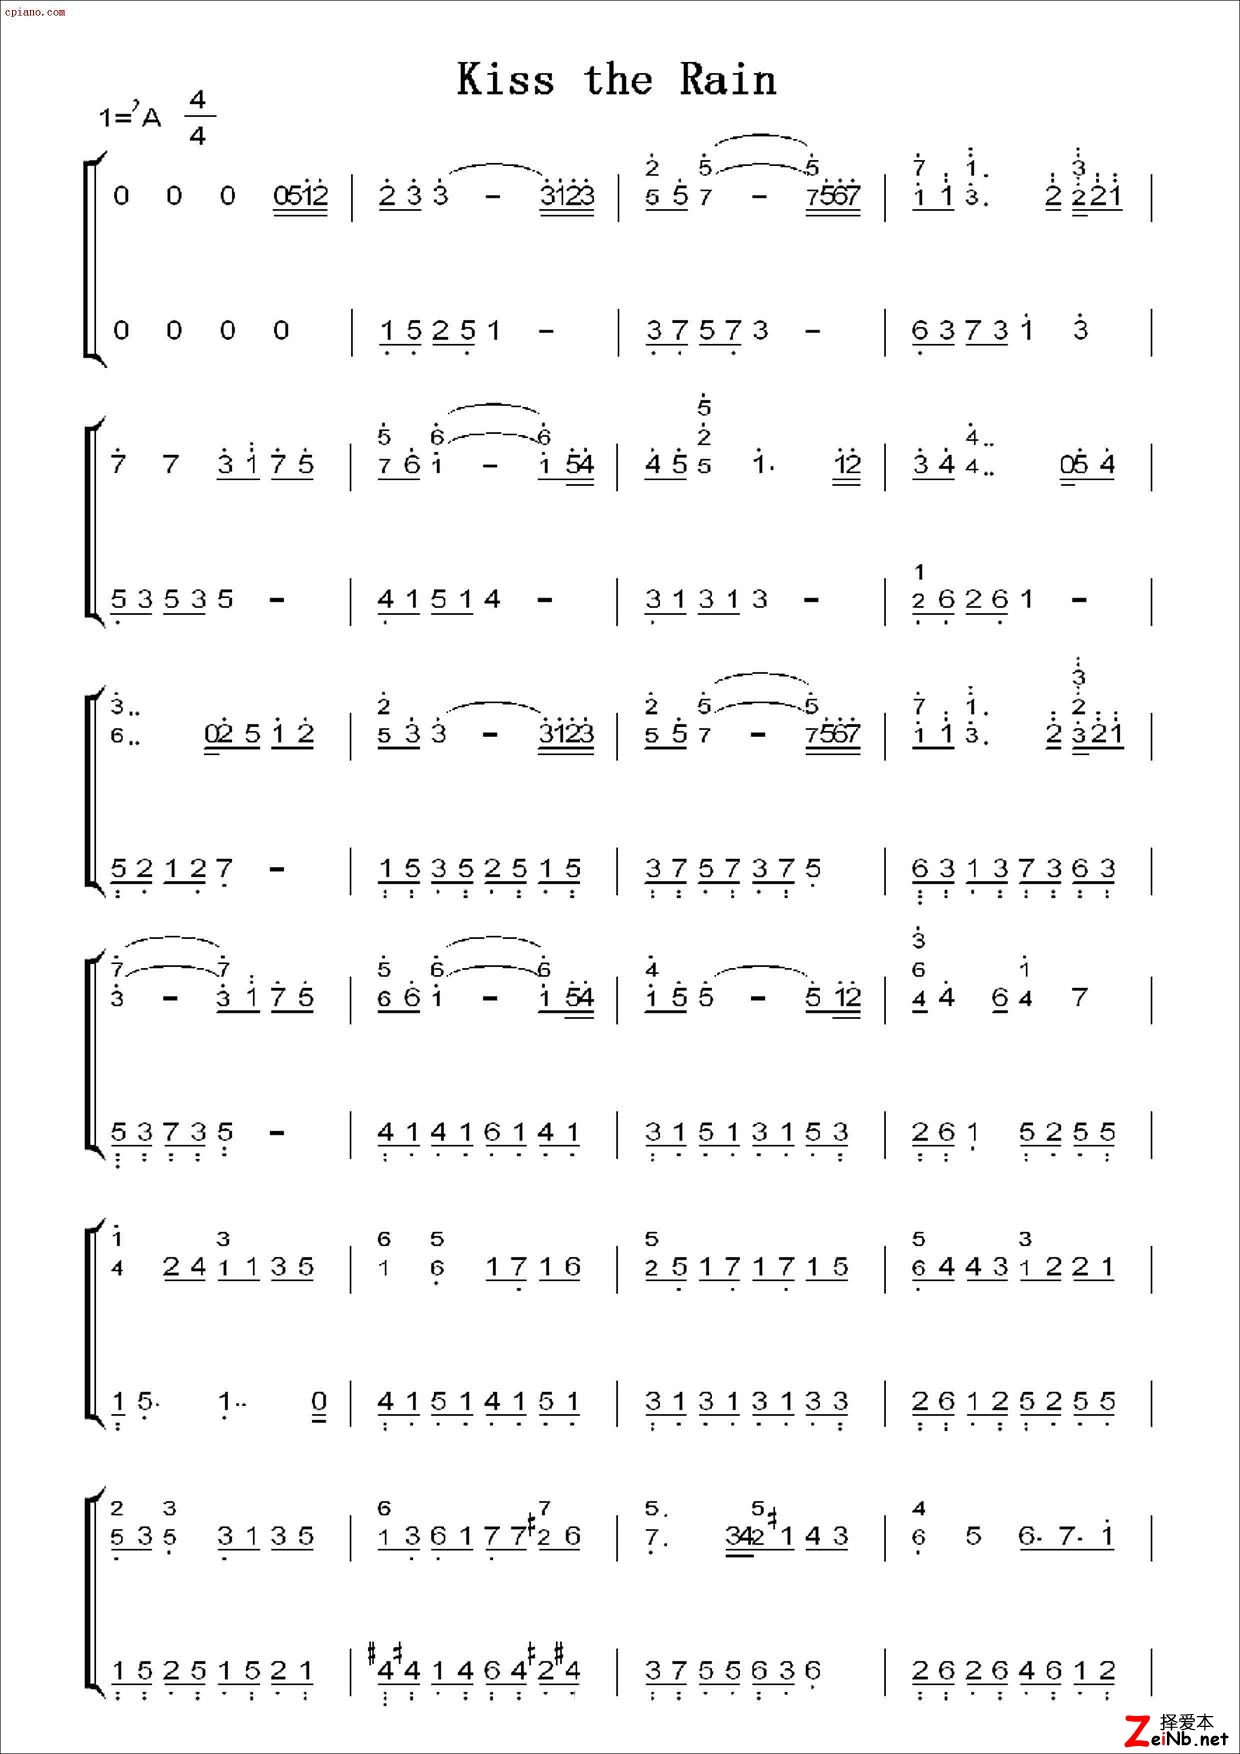 钢琴曲《kiss the rain》简谱; 雨的印记 ,五线谱和简谱; 附kiss the图片